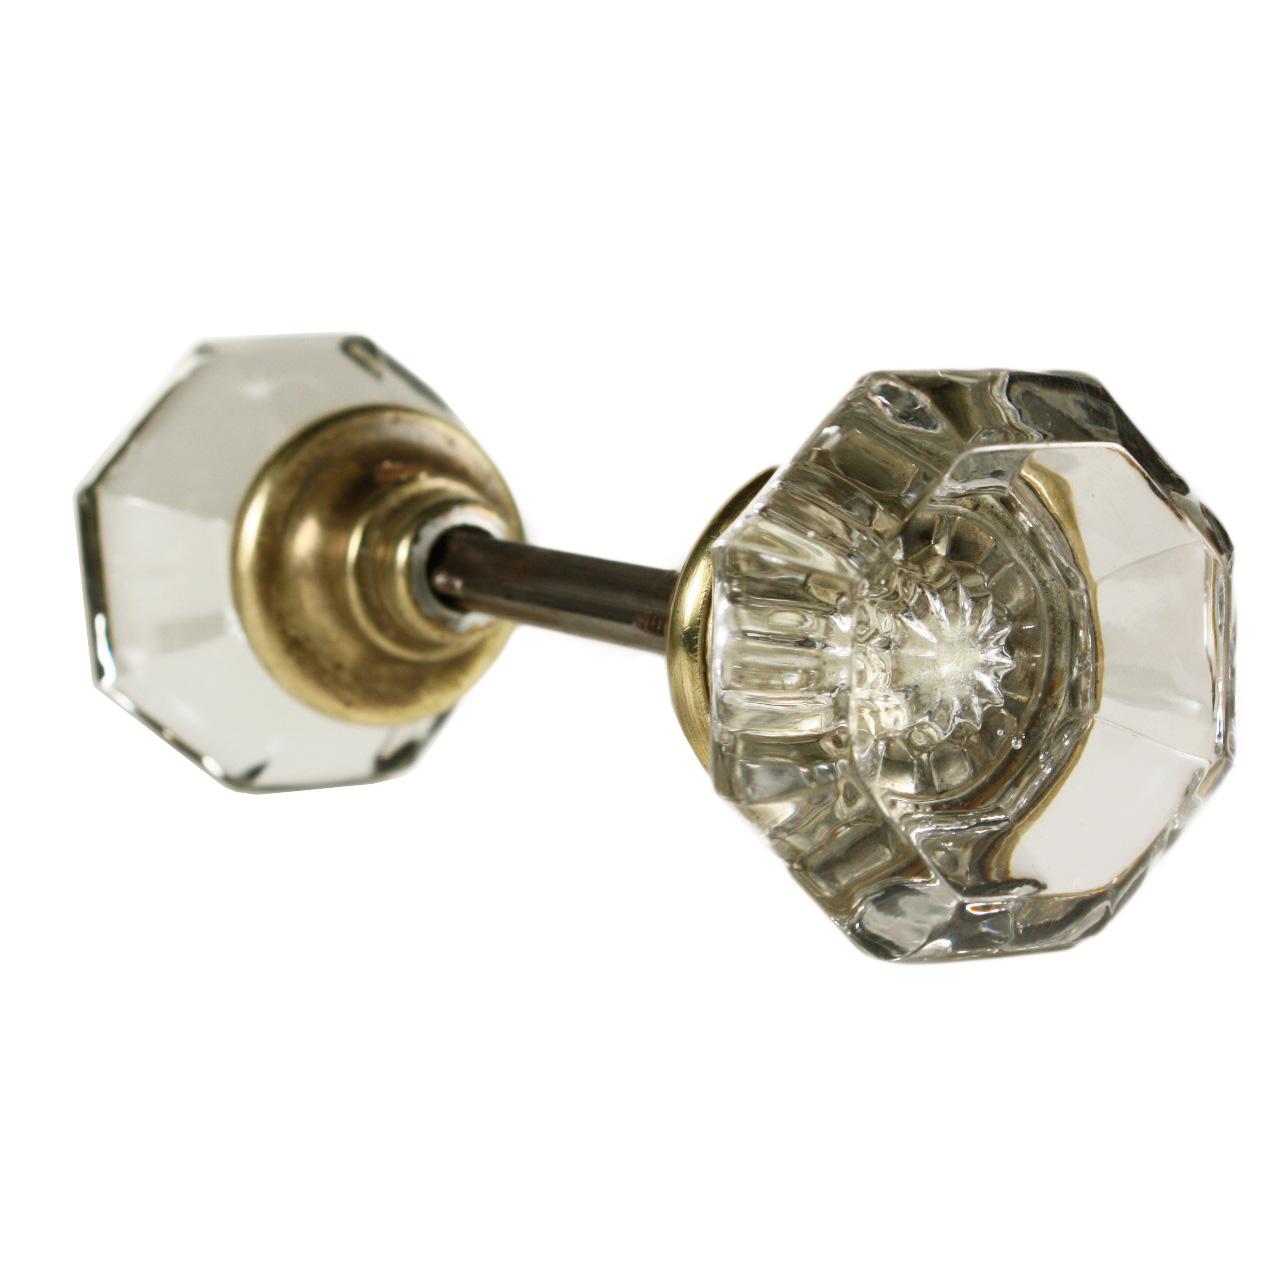 glass door knobs for sale photo - 5